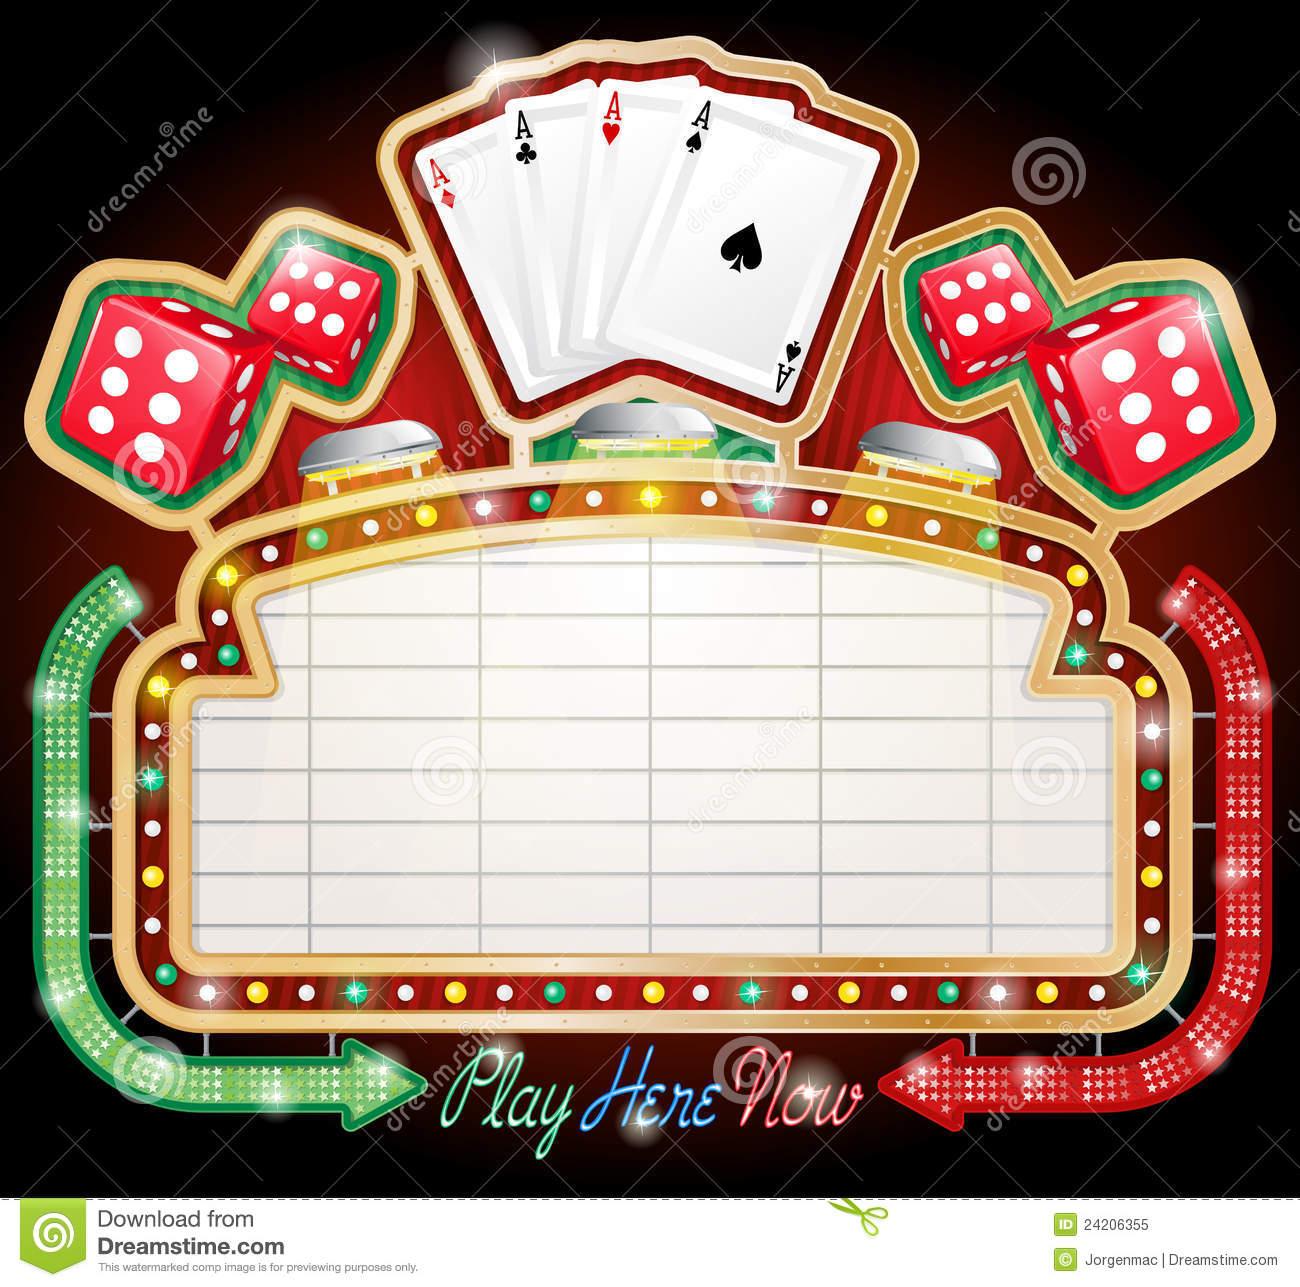 Pencil and in color. Casino clipart casino sign